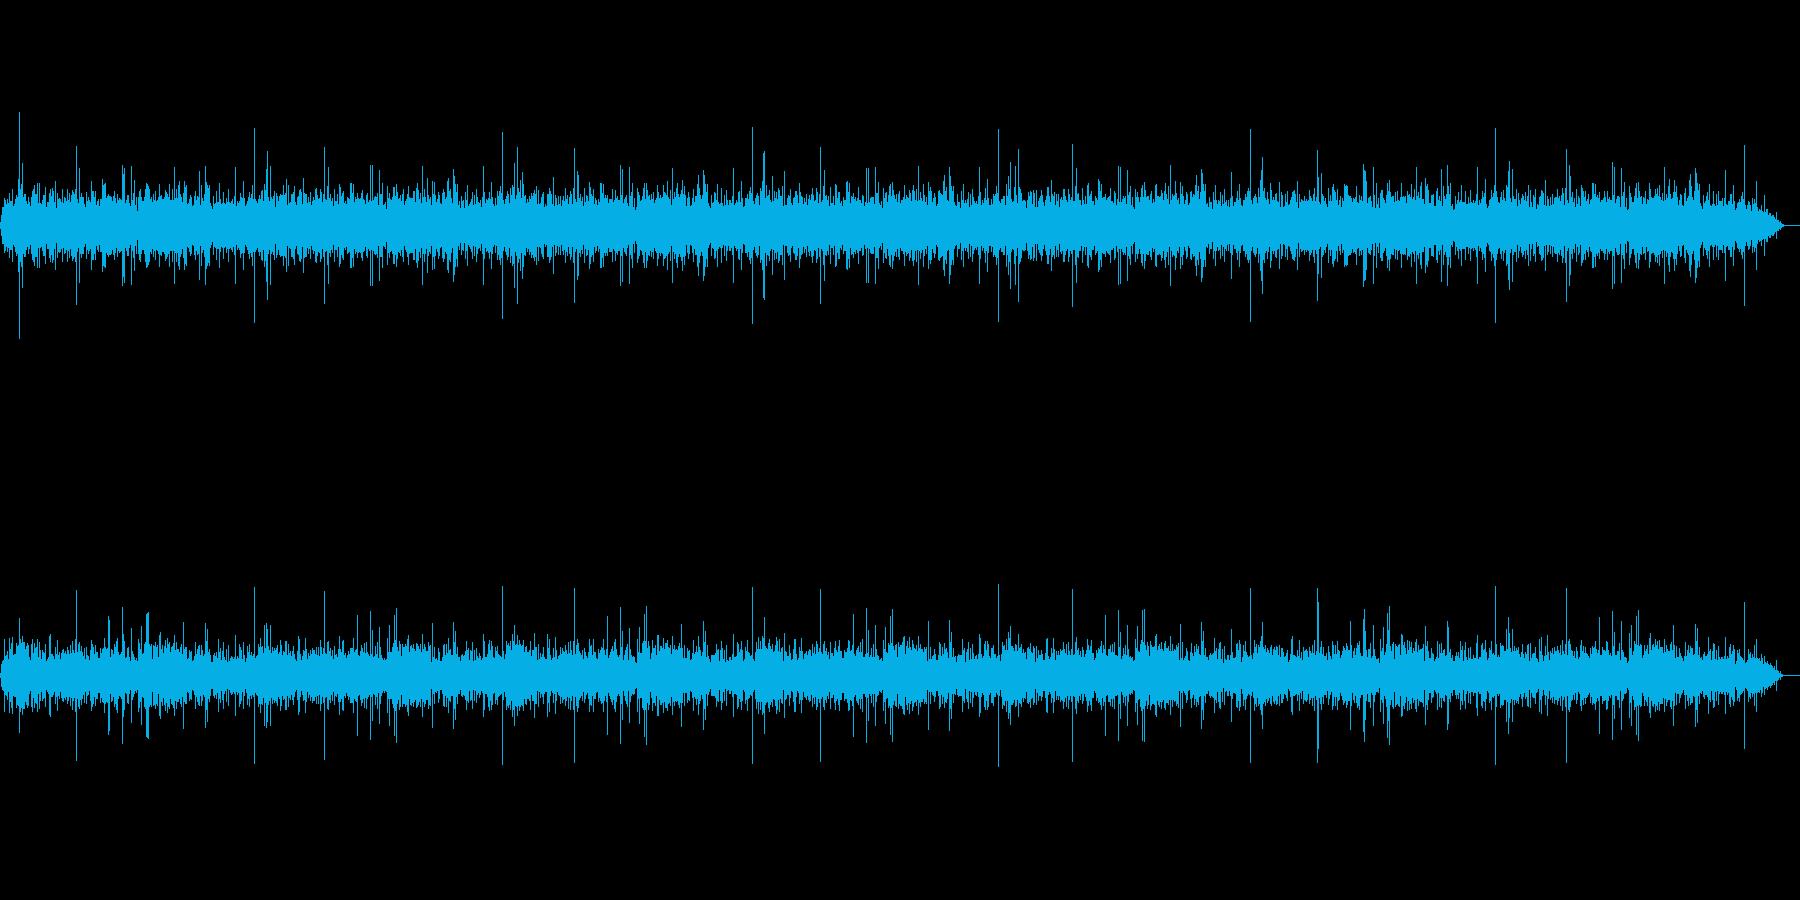 【バイノーラル録音】清流のせせらぎの再生済みの波形